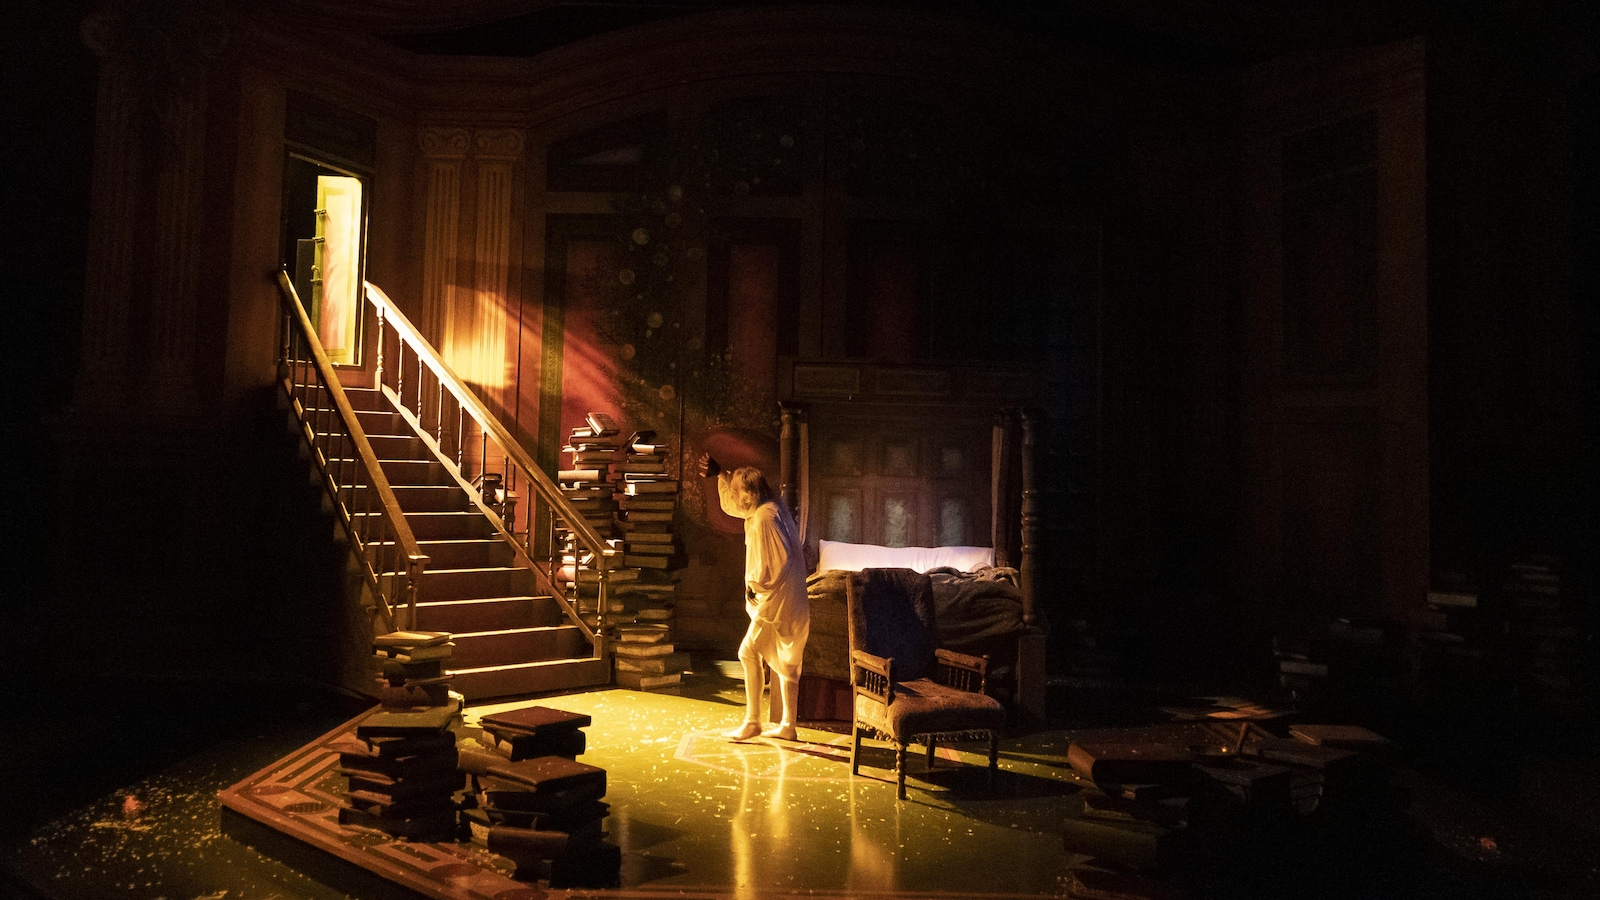 Un homme reçoit un faisseau de lumière pendant la nuit.